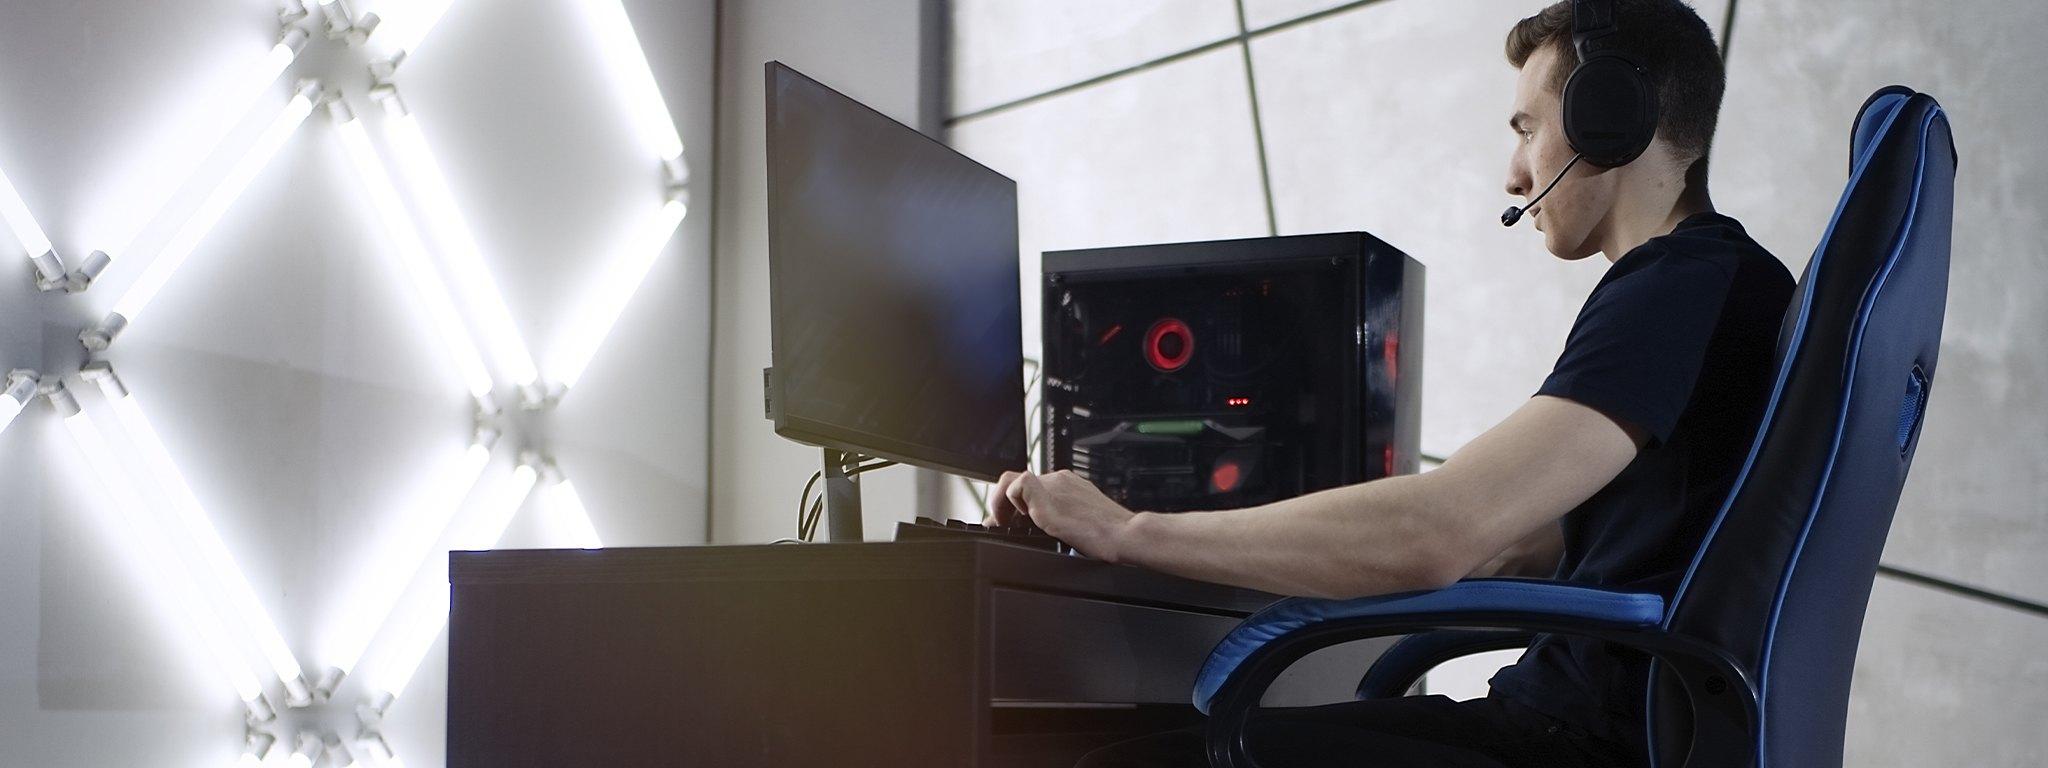 Młody mężczyzna siedzący na fotelu gamingowym przy biurku i grający w grę na komputerze stacjonarnym